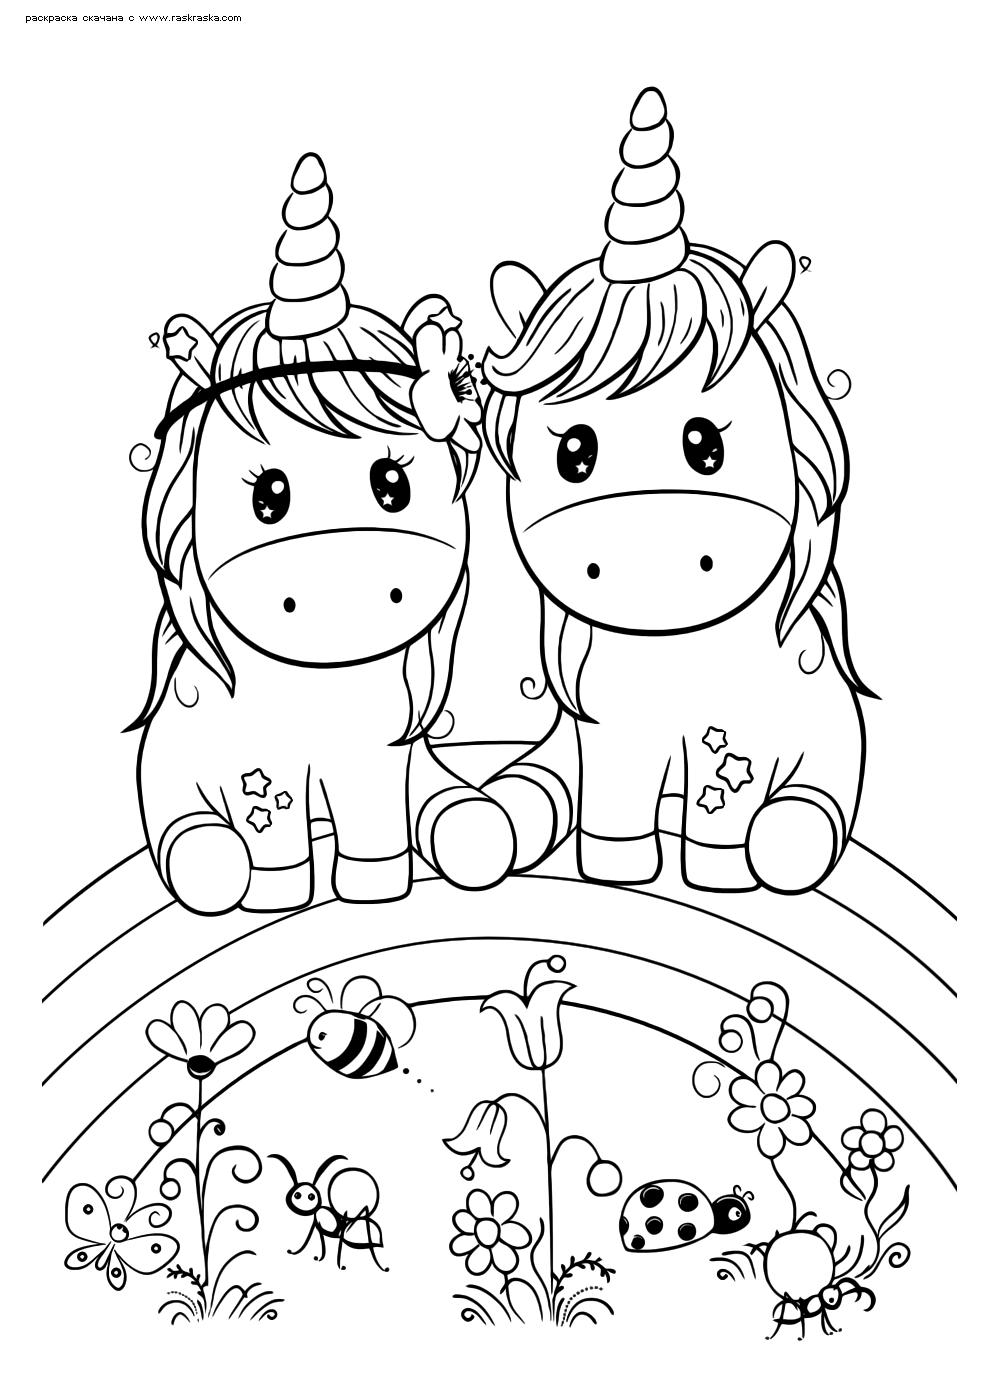 Раскраска Единороги на радуге | Раскраски няшных животных ...